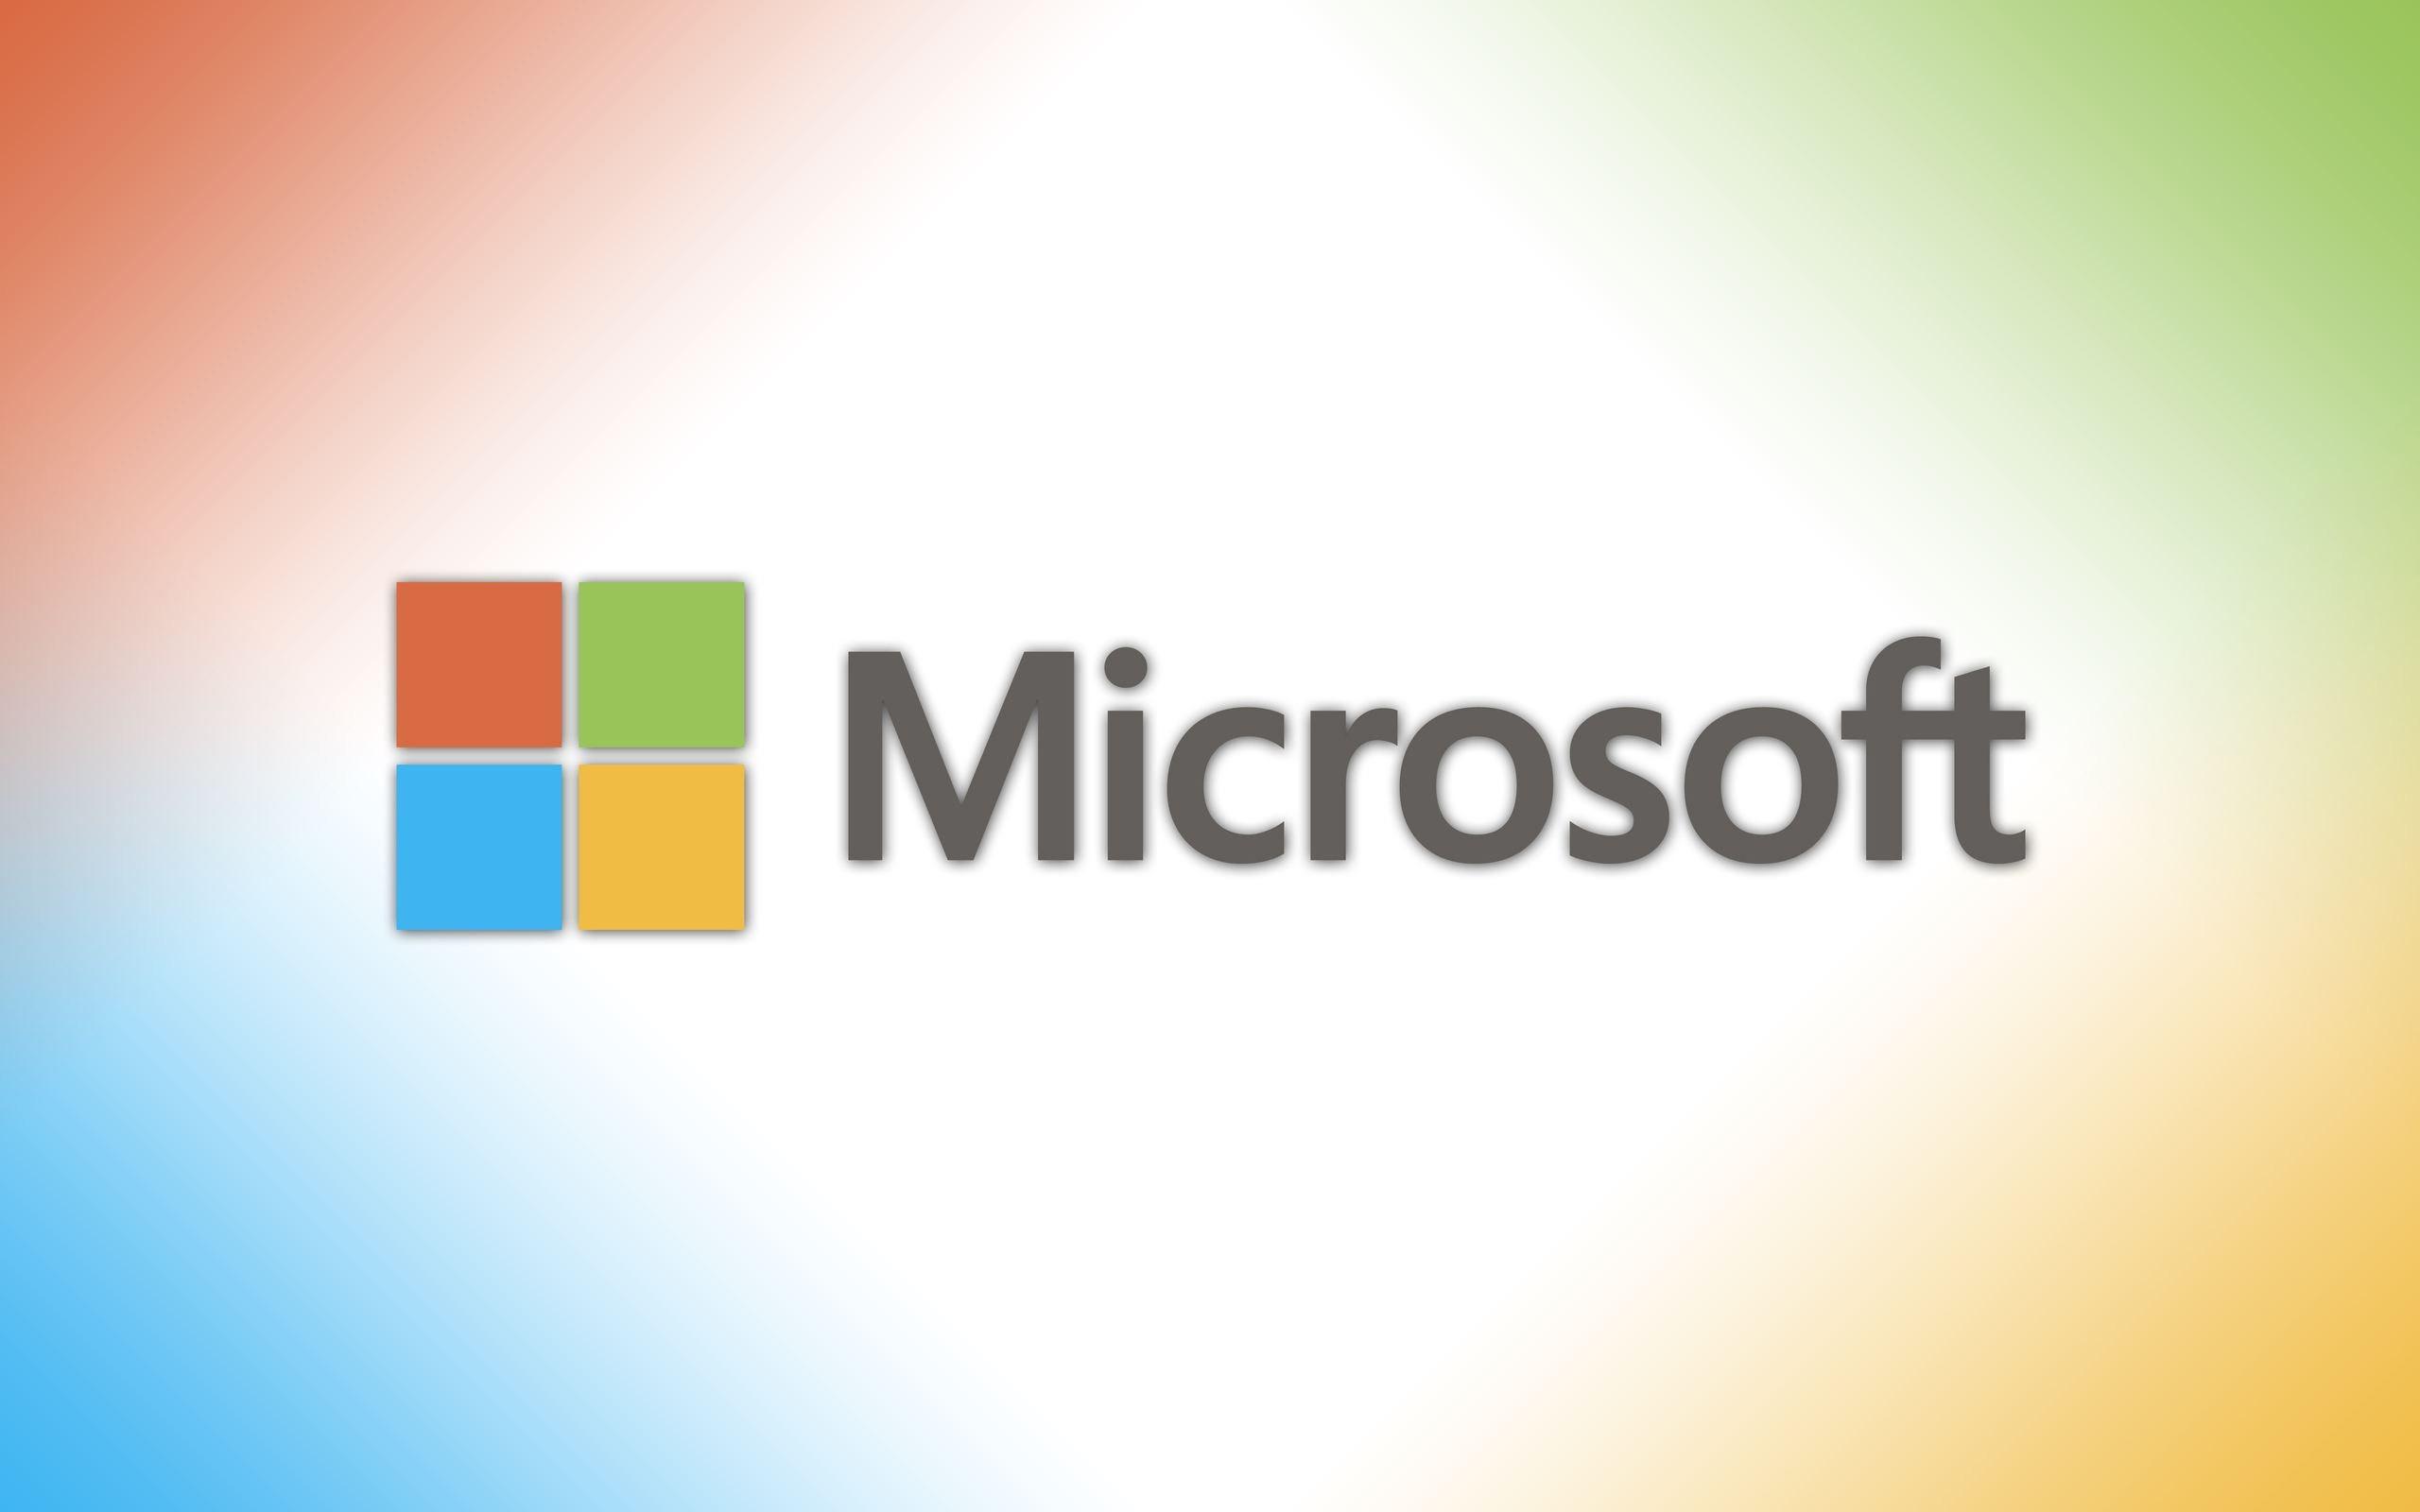 HD Microsoft Wallpapers  WallpaperSafari